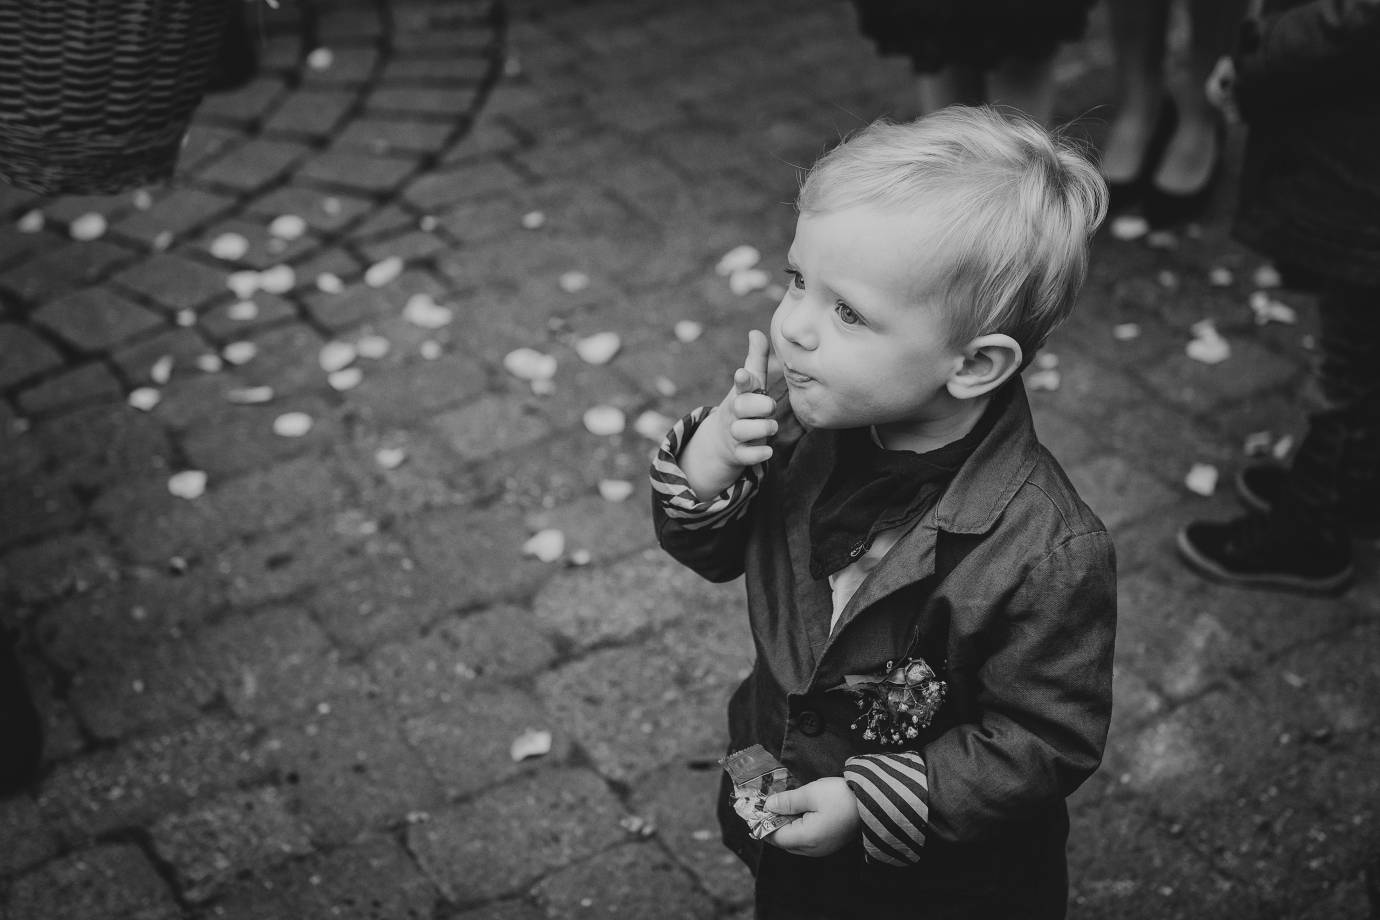 hochzeitsfotograf bremen 093 - Ronja+Mathis